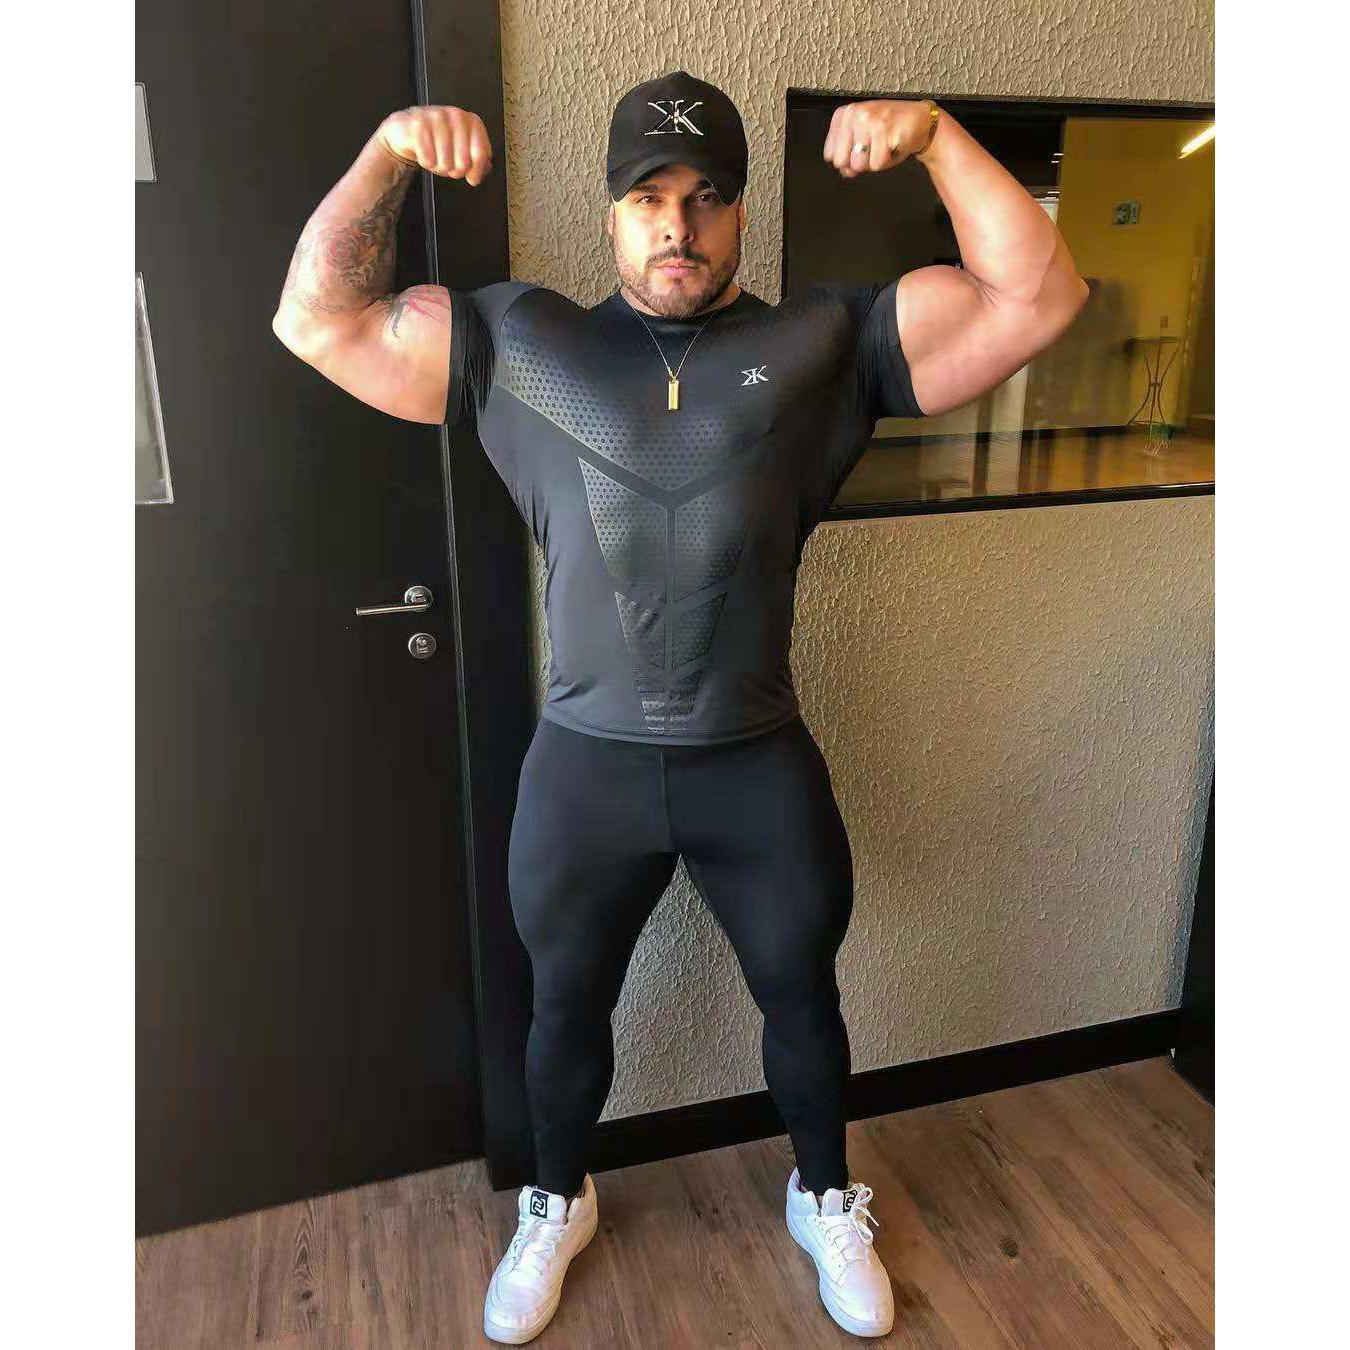 Мужская дизайнерская спортивная футболка с коротким рукавом мода тренажерный зал мышцы колготки одежда высокая эластичная тренировка быстросохнущие фитнес-тройники топы